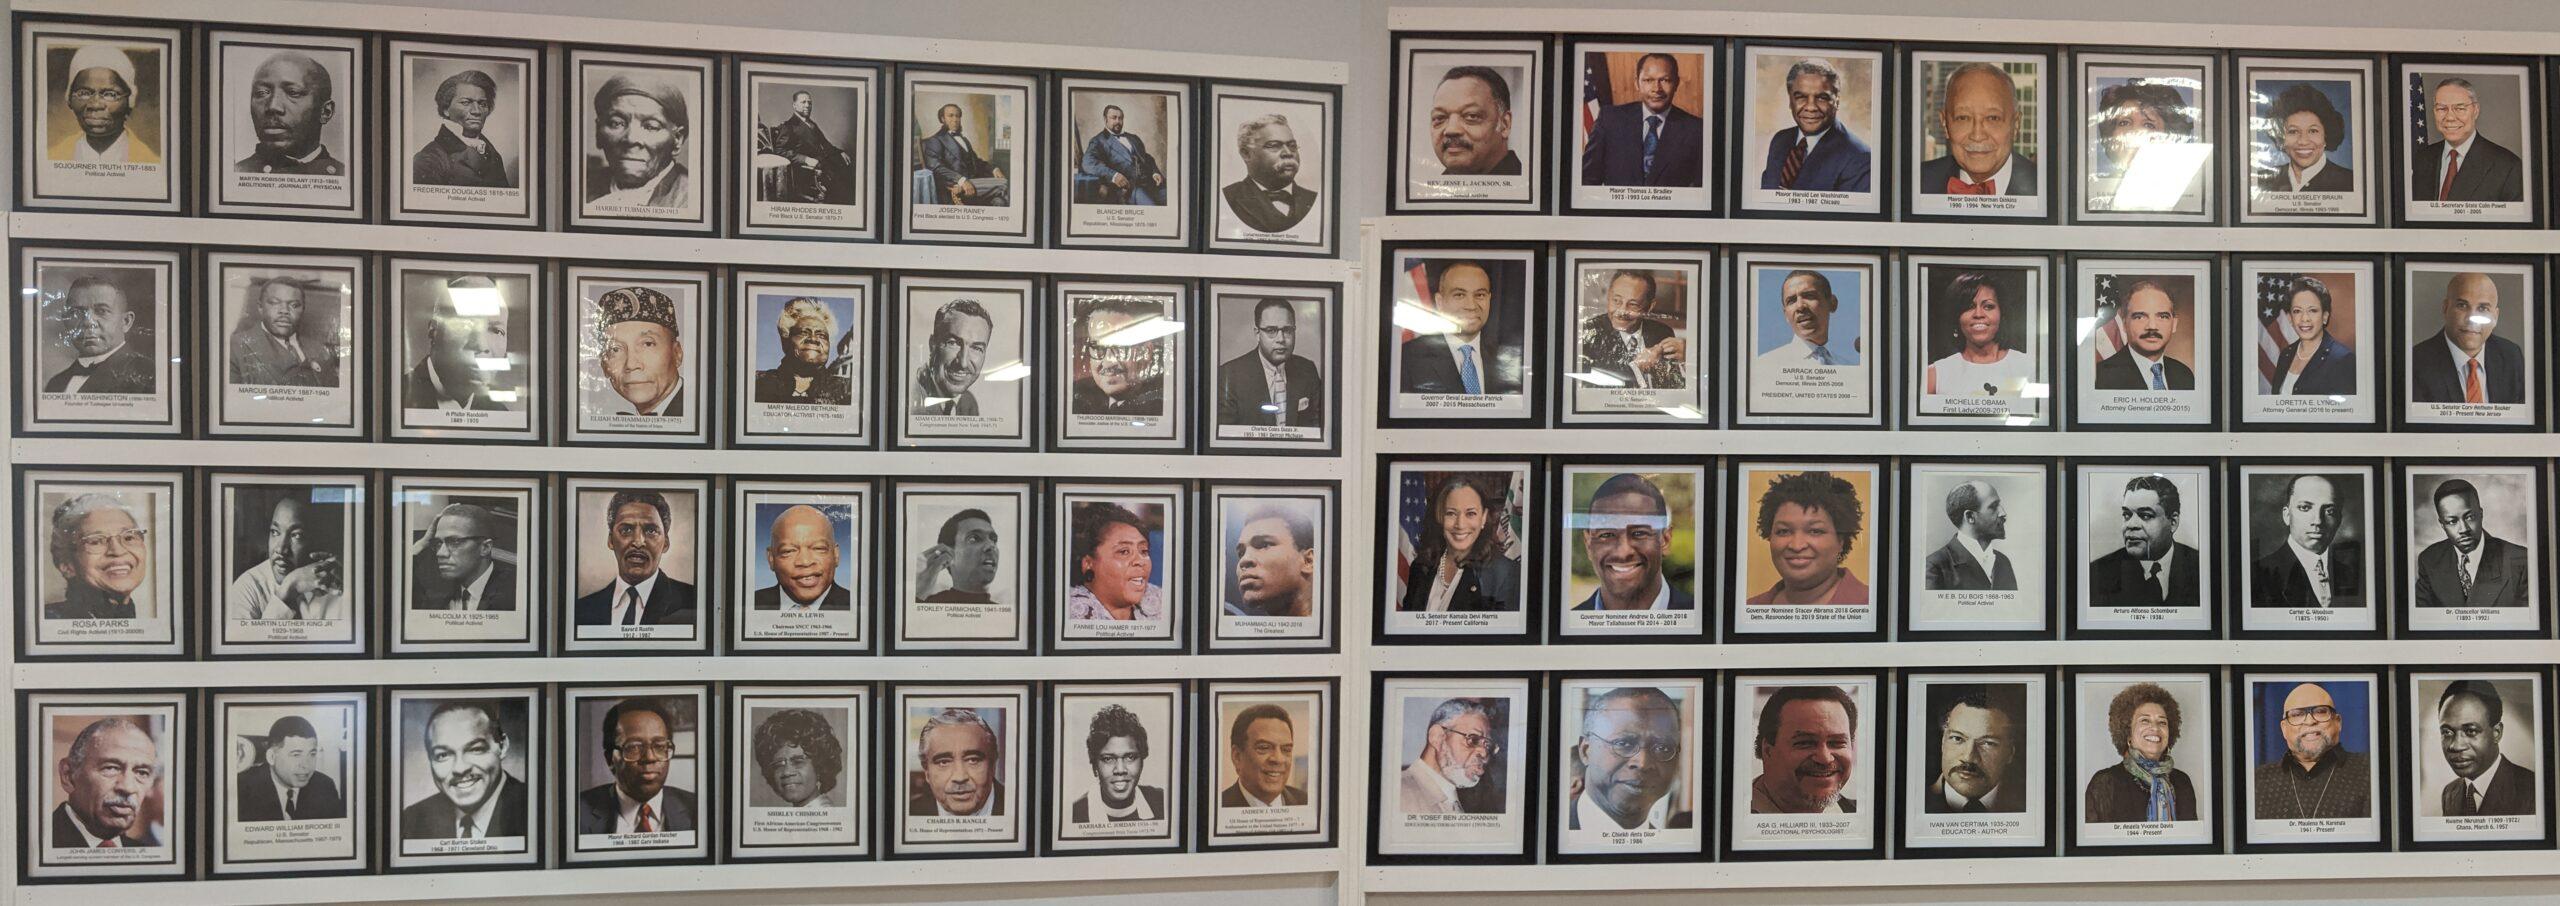 Wall of Leaders & Scholars